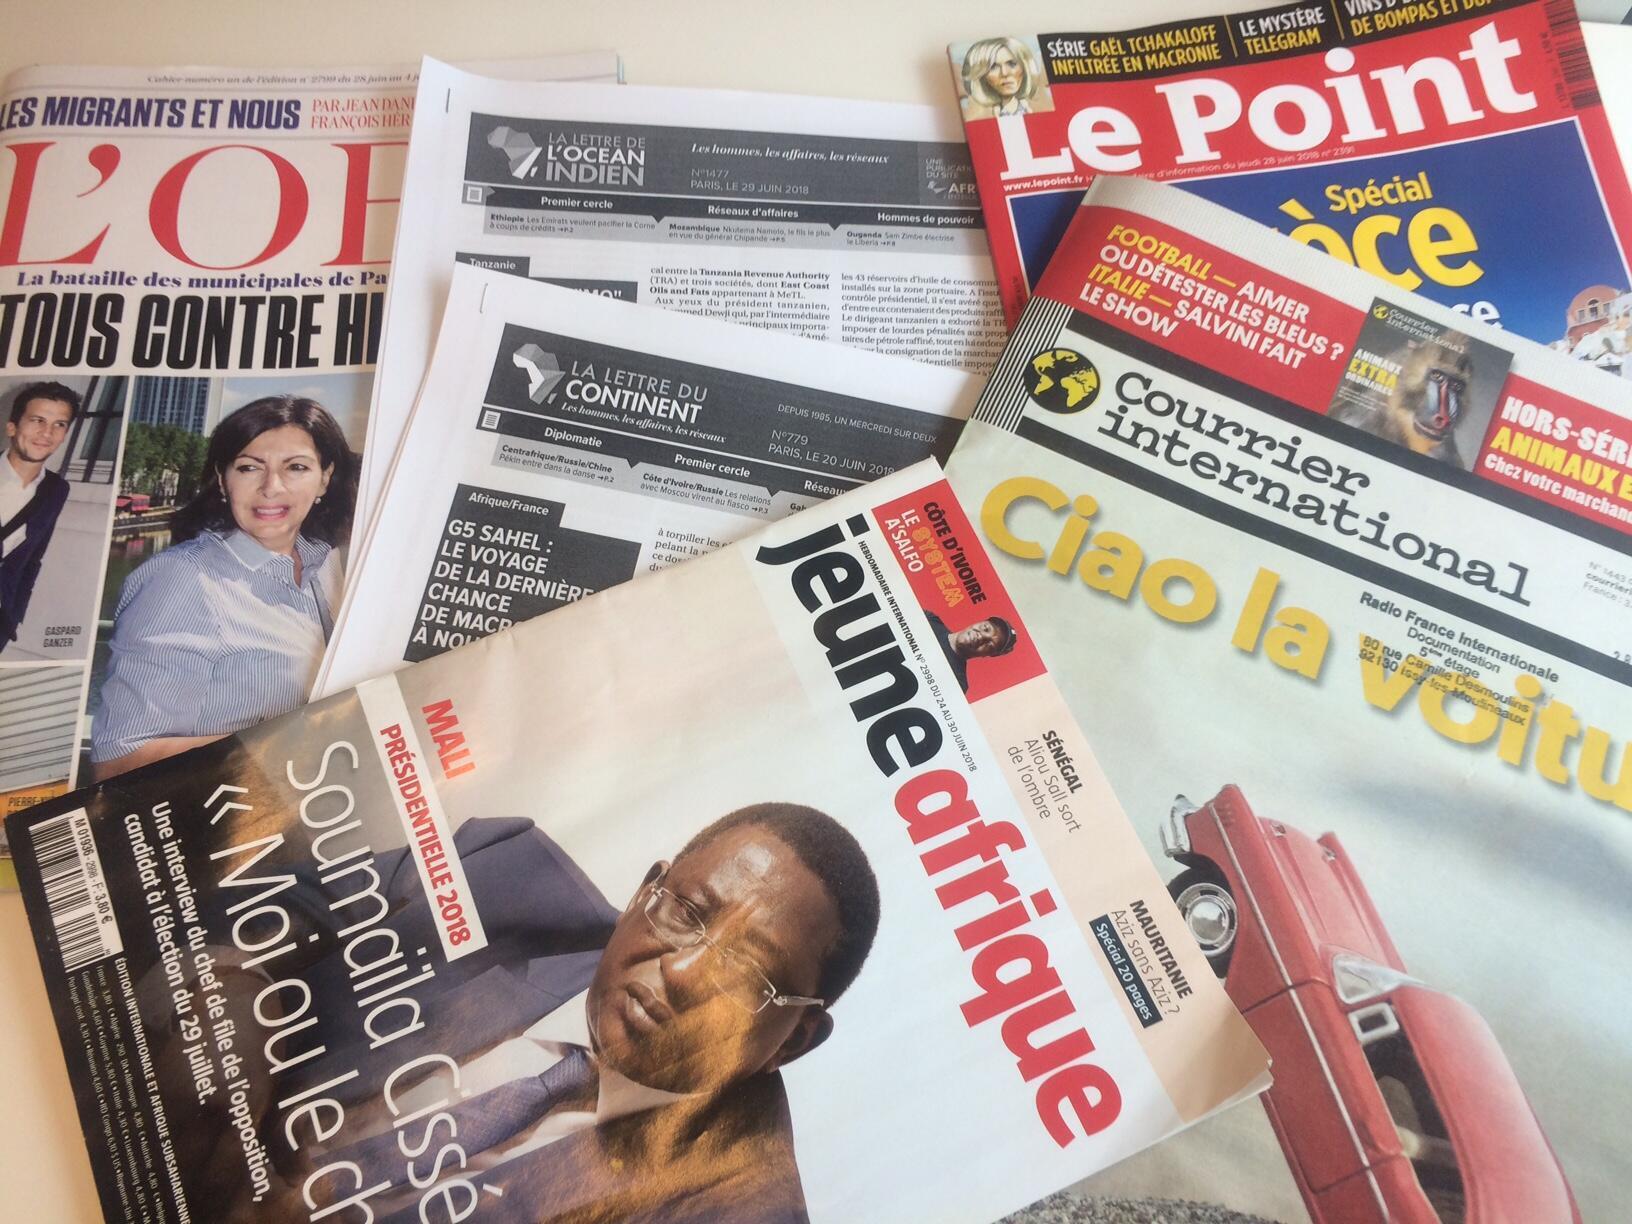 Capas de semanários sobre actualidade africana e mundial de 30/06/2018